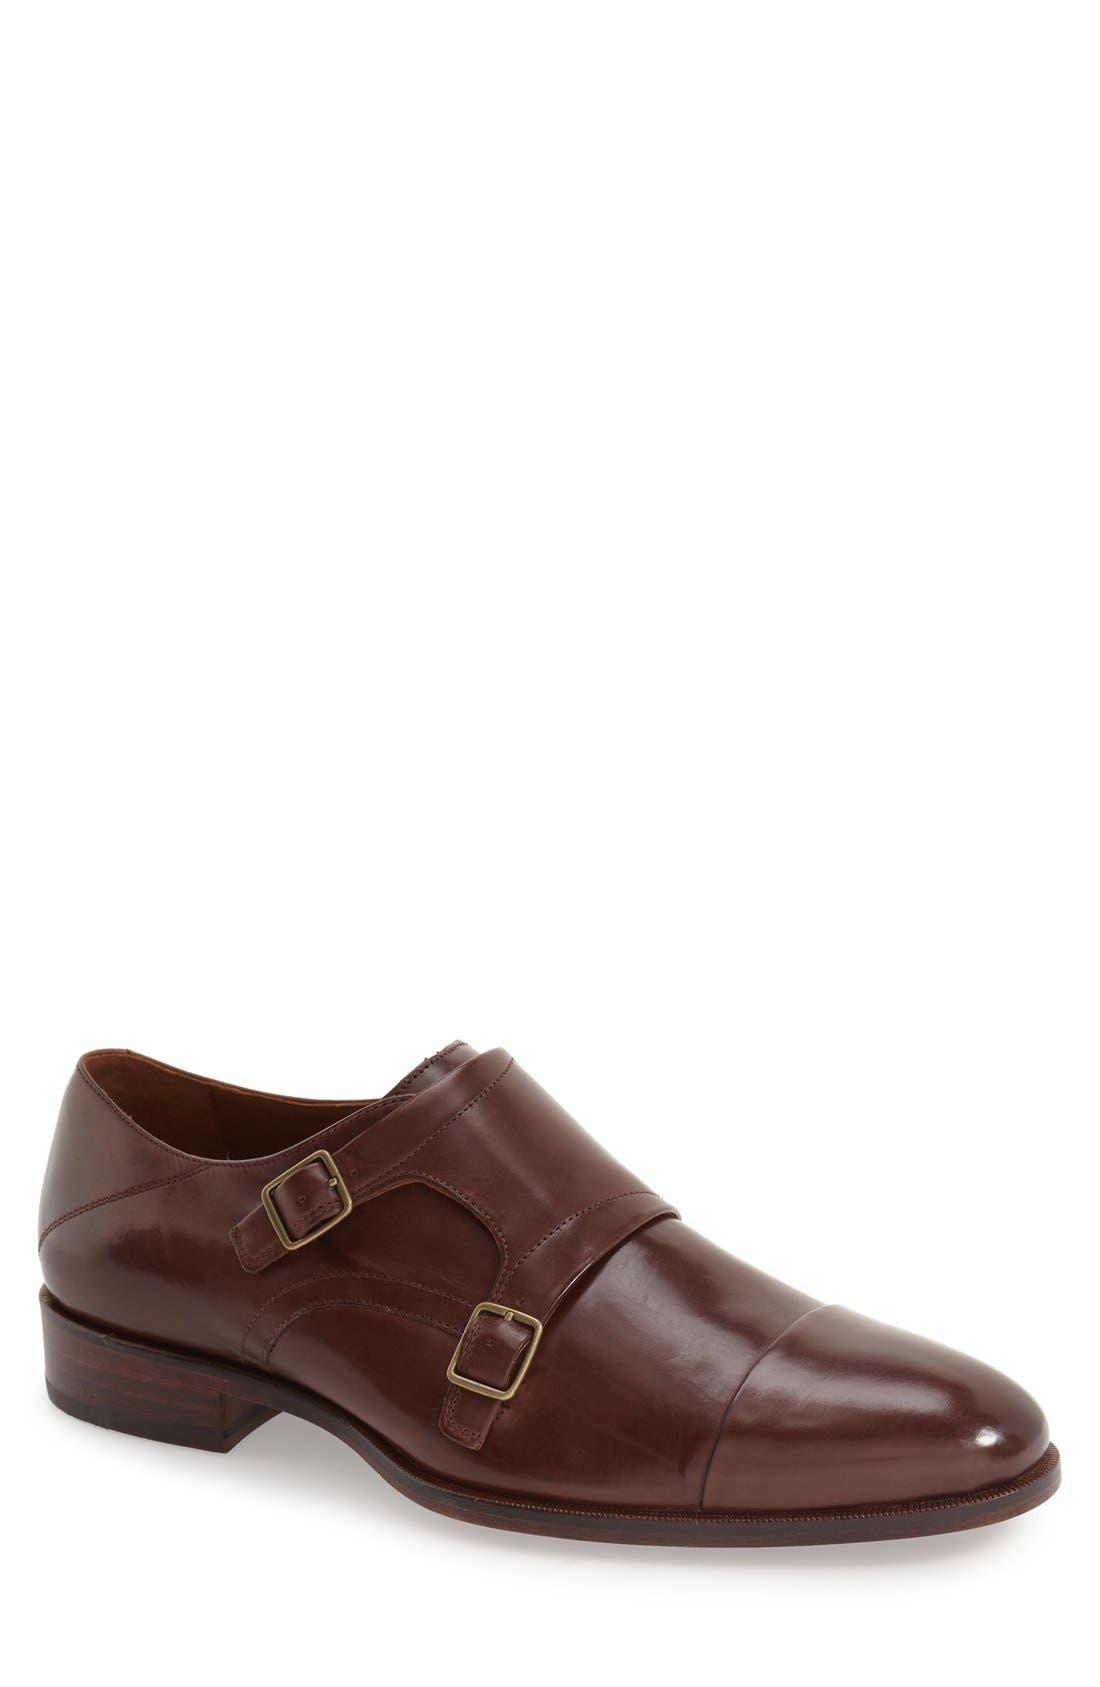 Main Image - Johnston & Murphy 'Nolen' Double Monk Strap Shoe (Men)